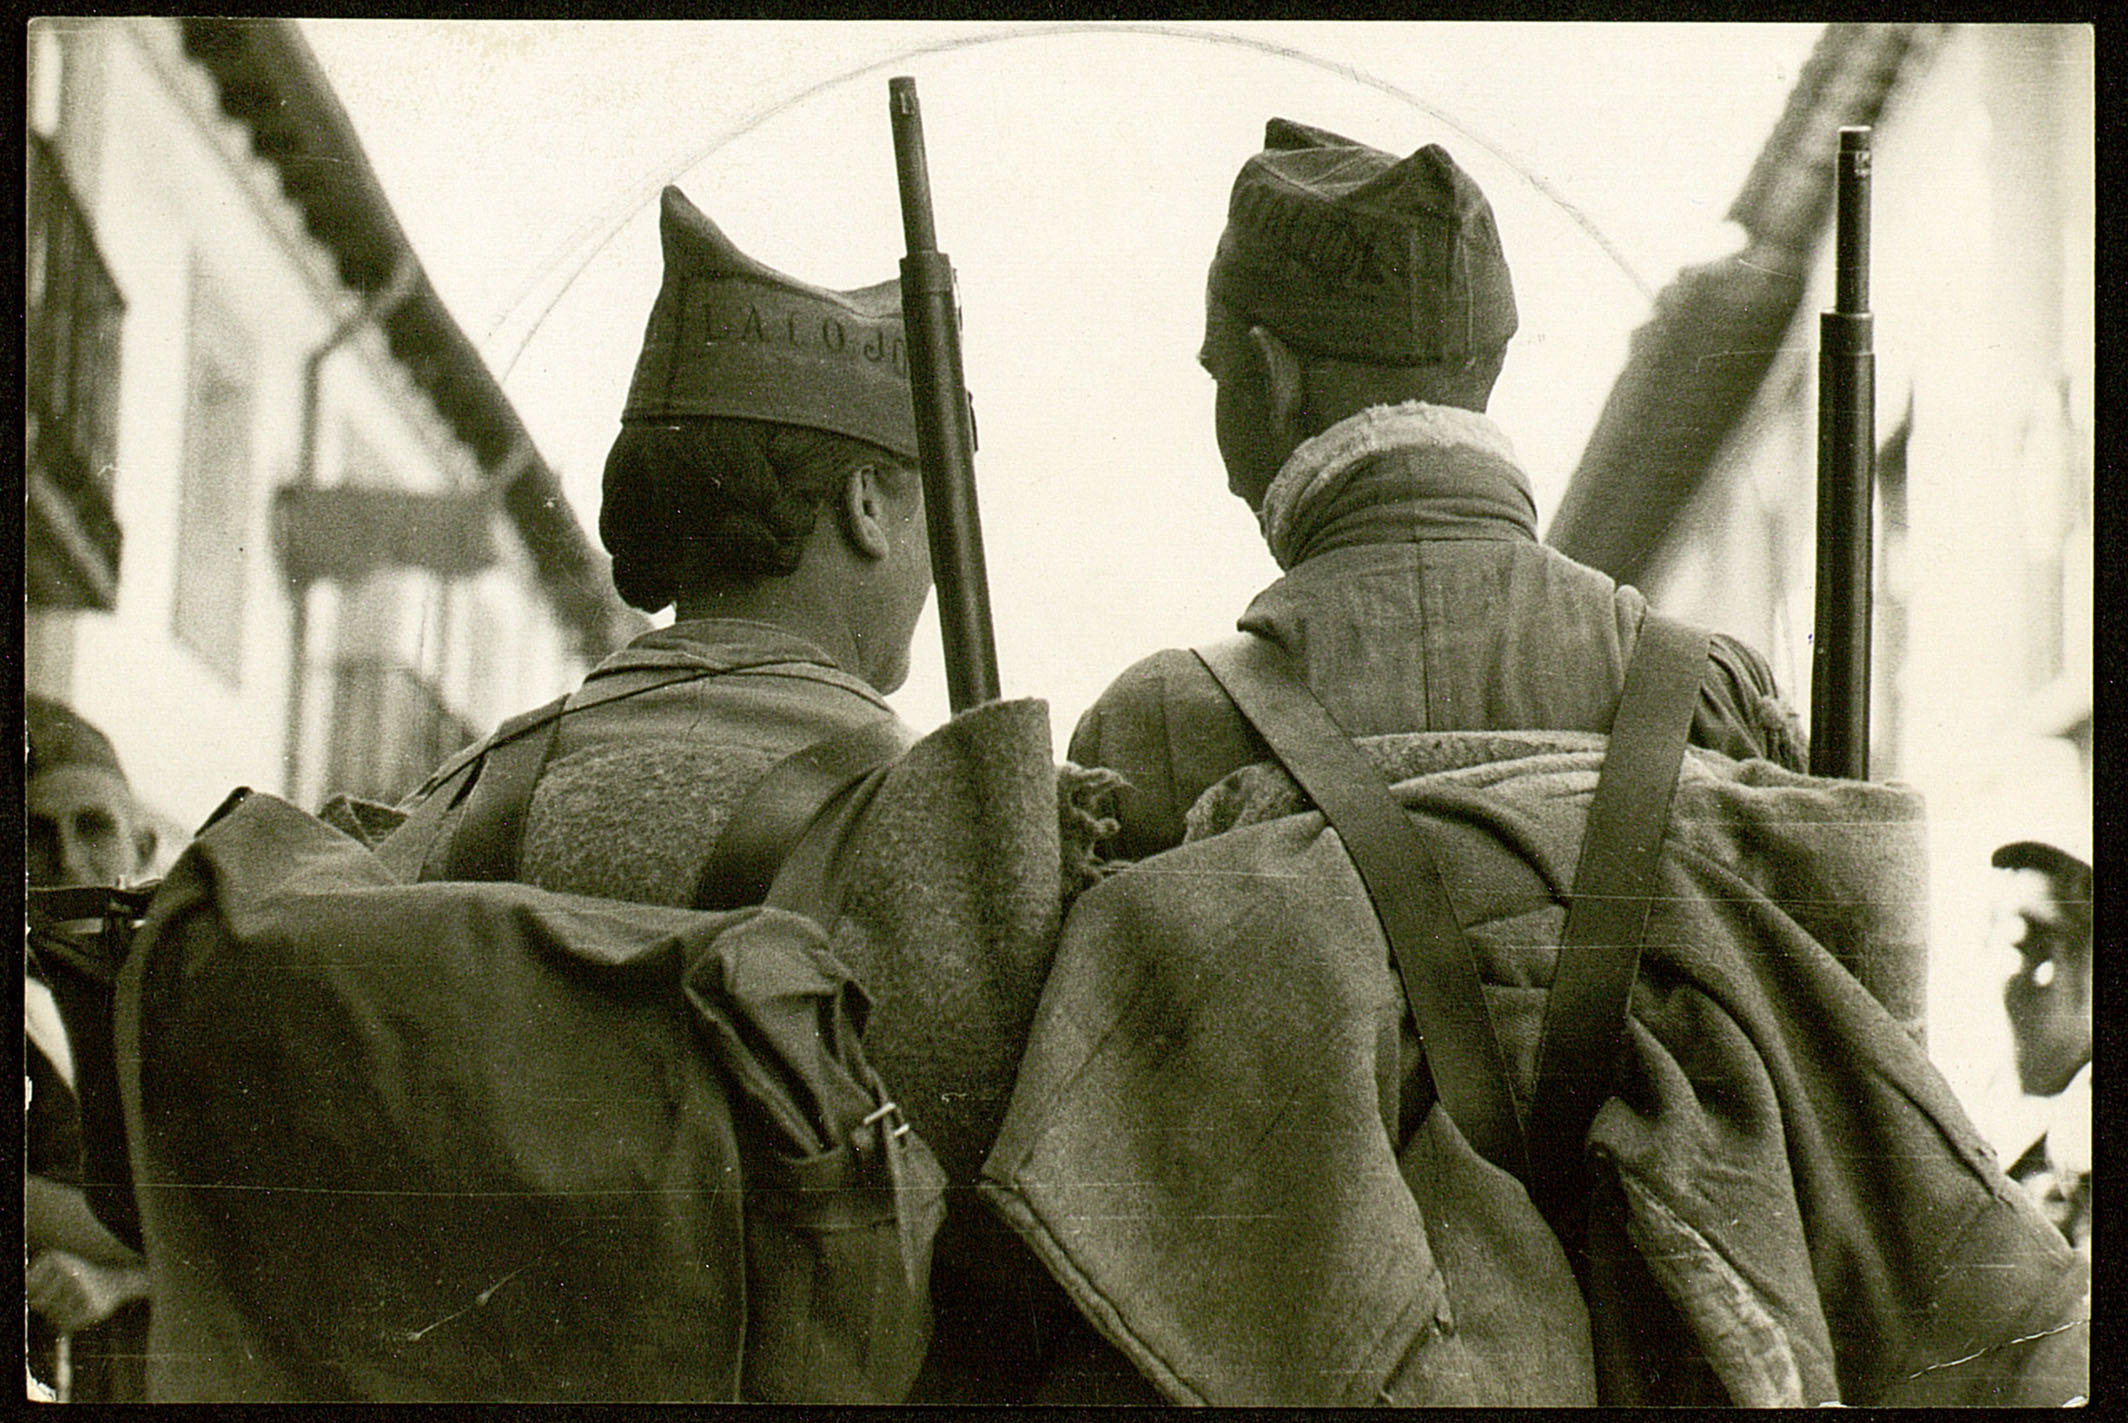 Anónimo. Madrid, 1936. Dos milicianos en dirección al frente. MECD, CDMH, CAUSA-GENERAL, 1301,10,54.